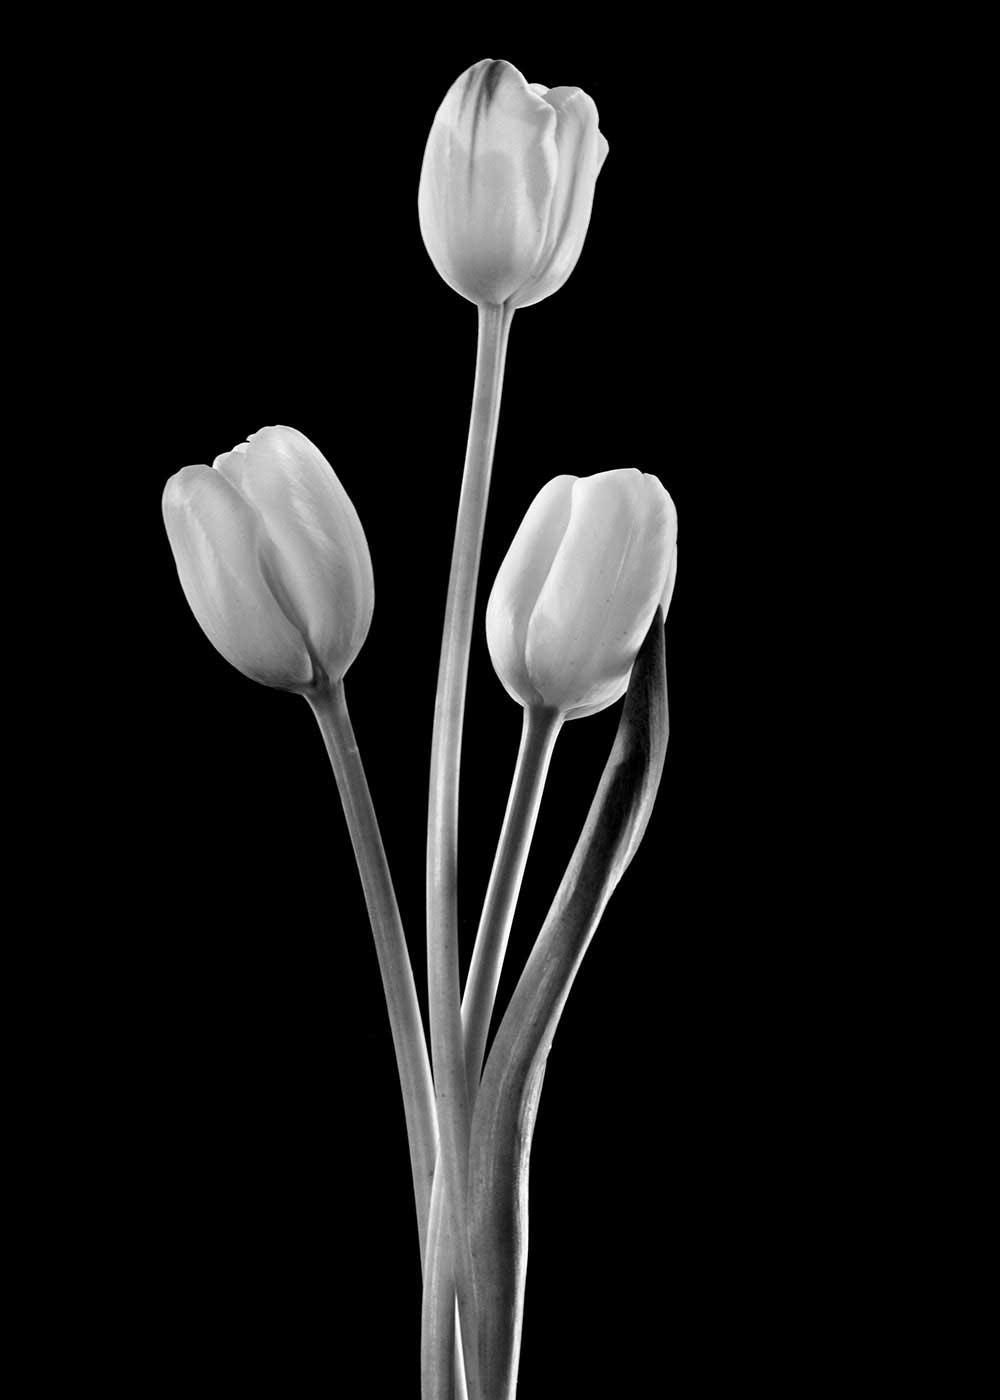 guillaume_dhubert_herbarium_014